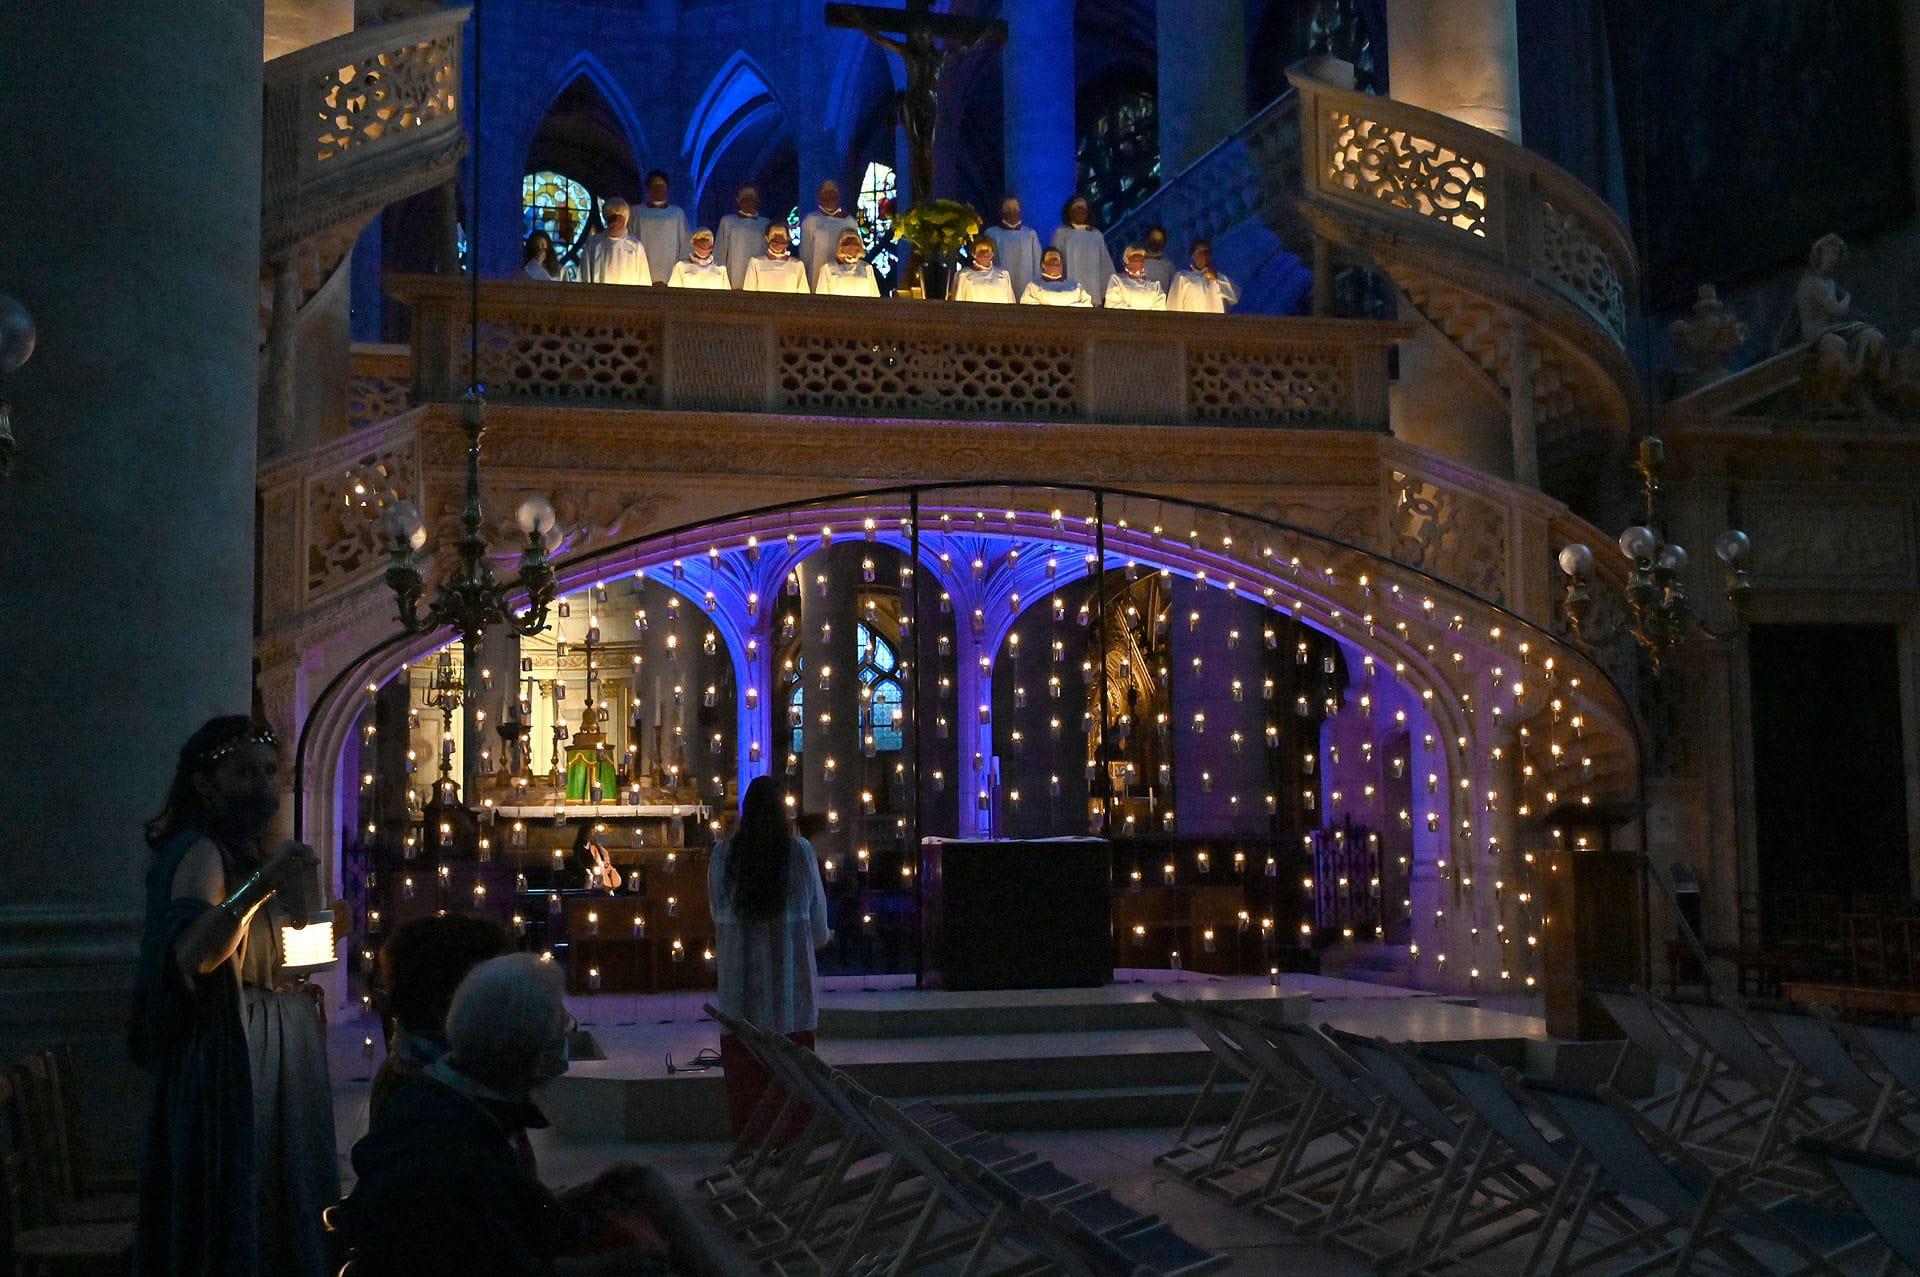 bougies église saint etienne du mont paris visite nocturne sainte genevieve histoire 1